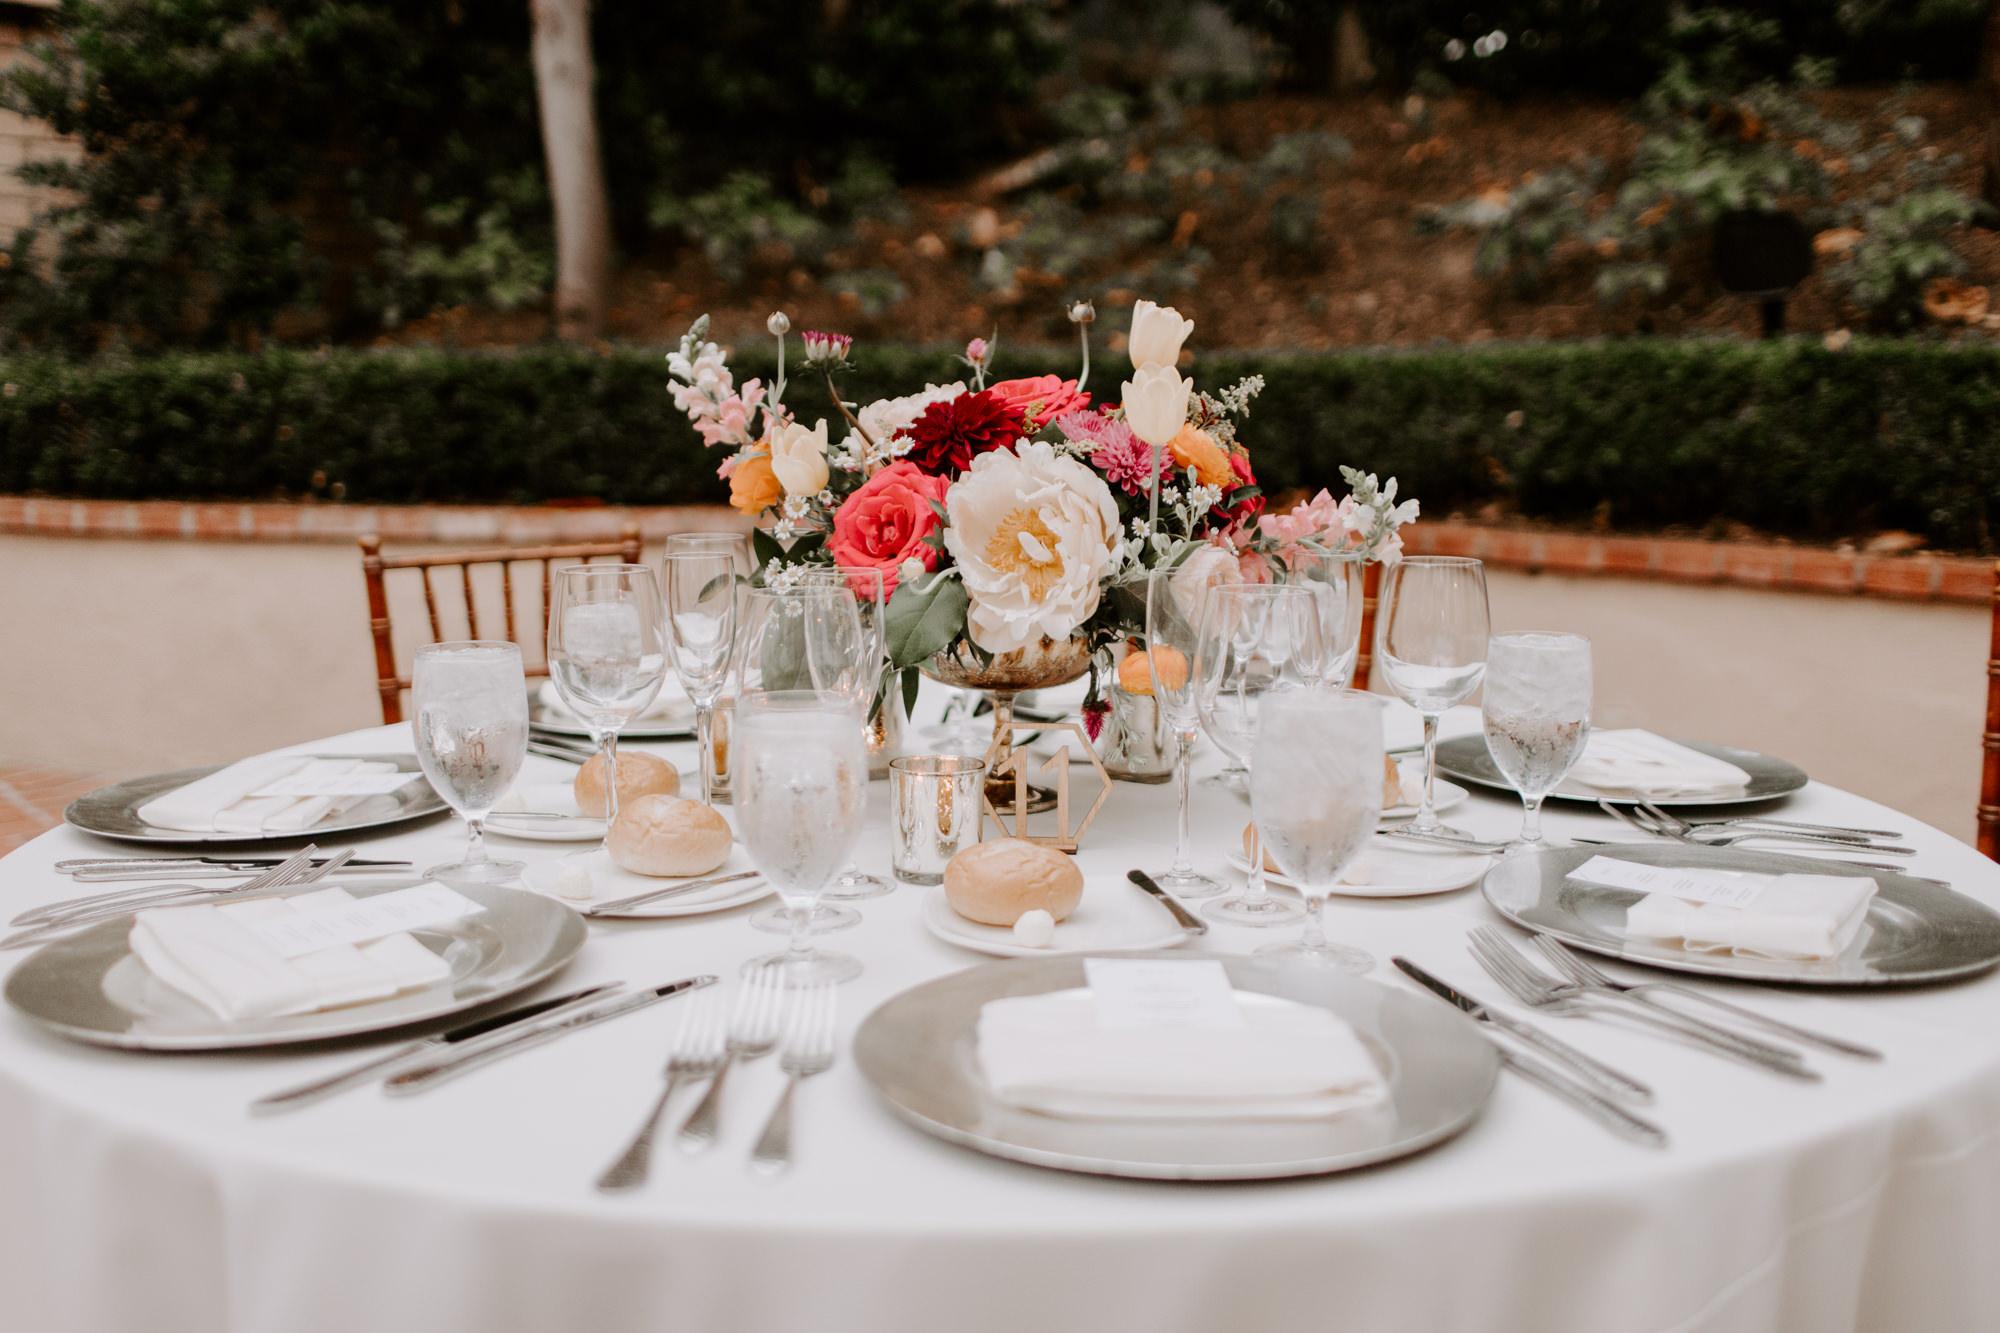 Rancho bernardo Inn san deigo wedding photography0082.jpg